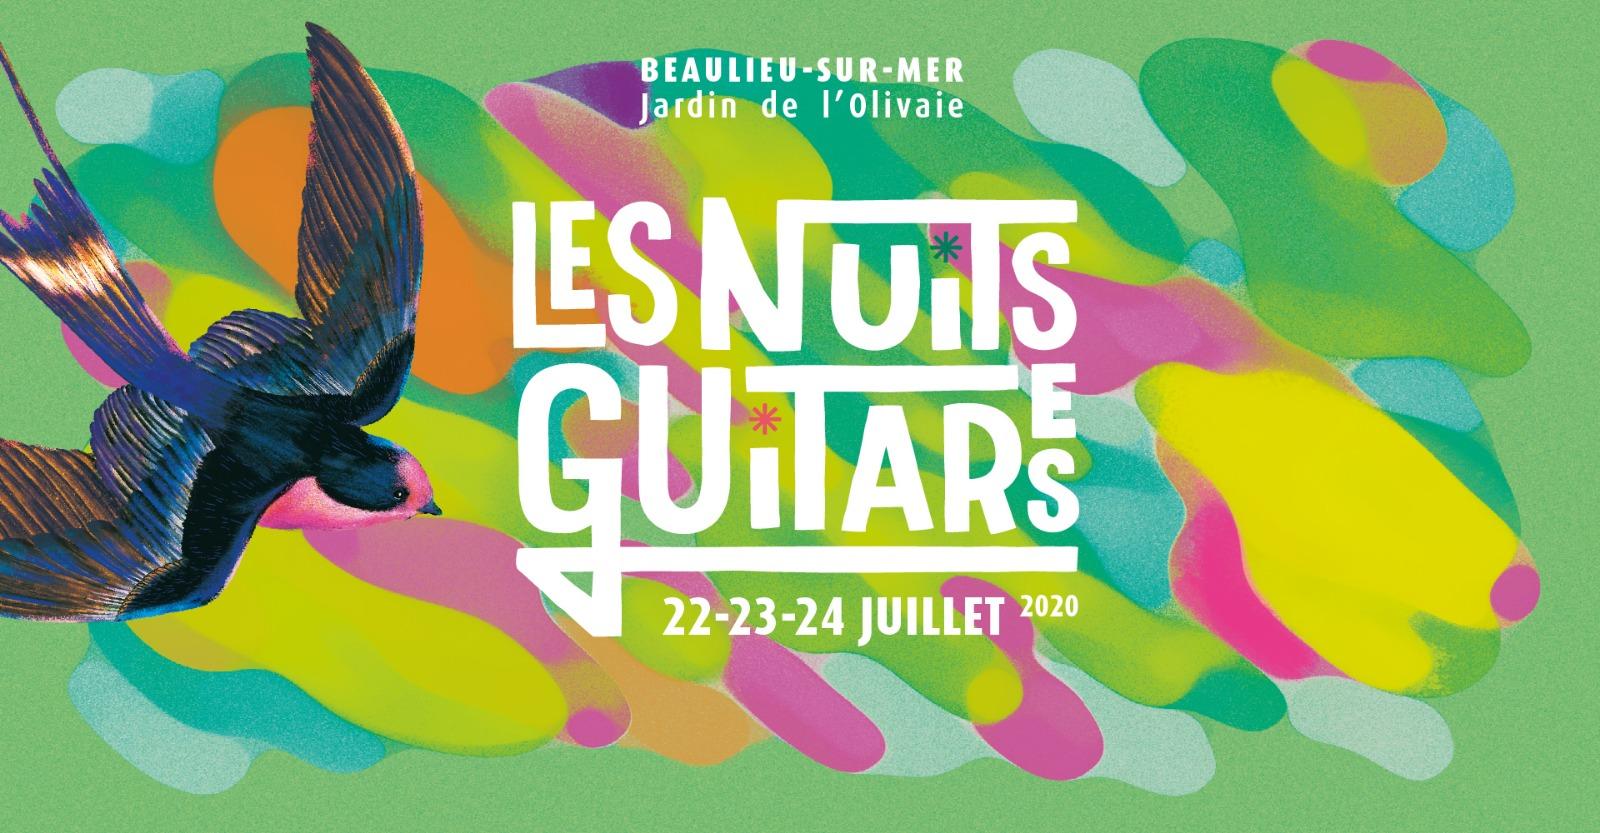 Les Nuits Guitares 2020